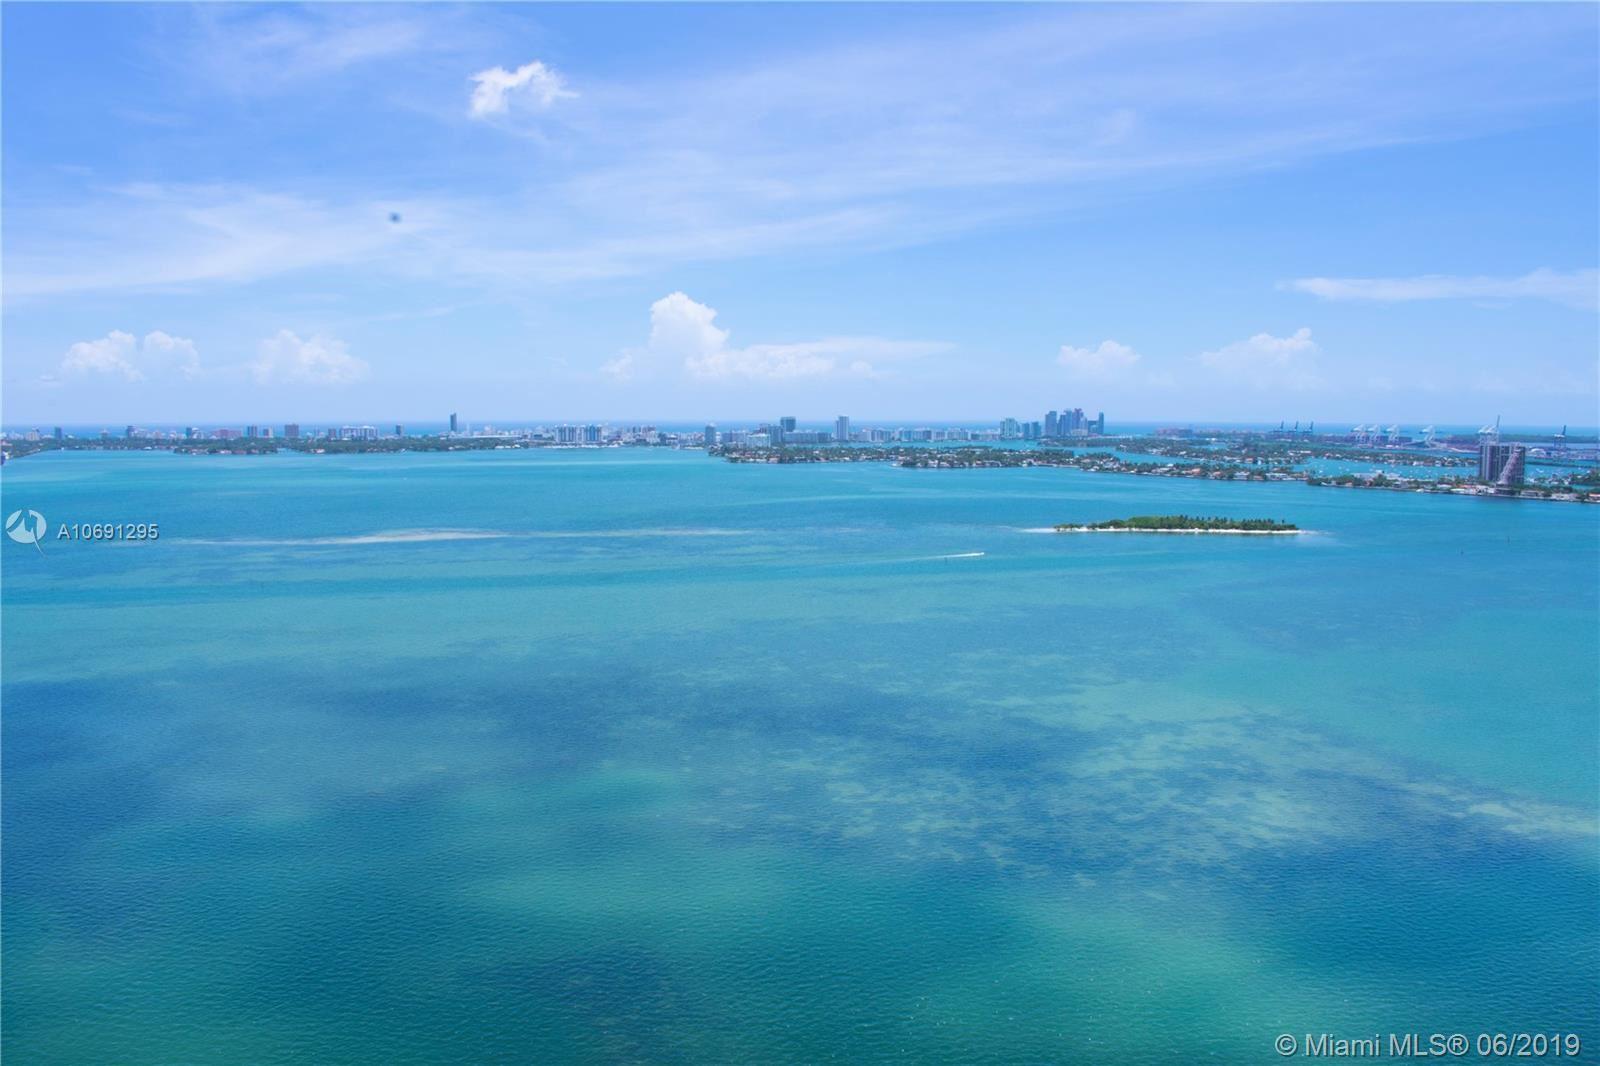 650 NE 32 St #3902, Miami, FL 33137 - #: A10691295